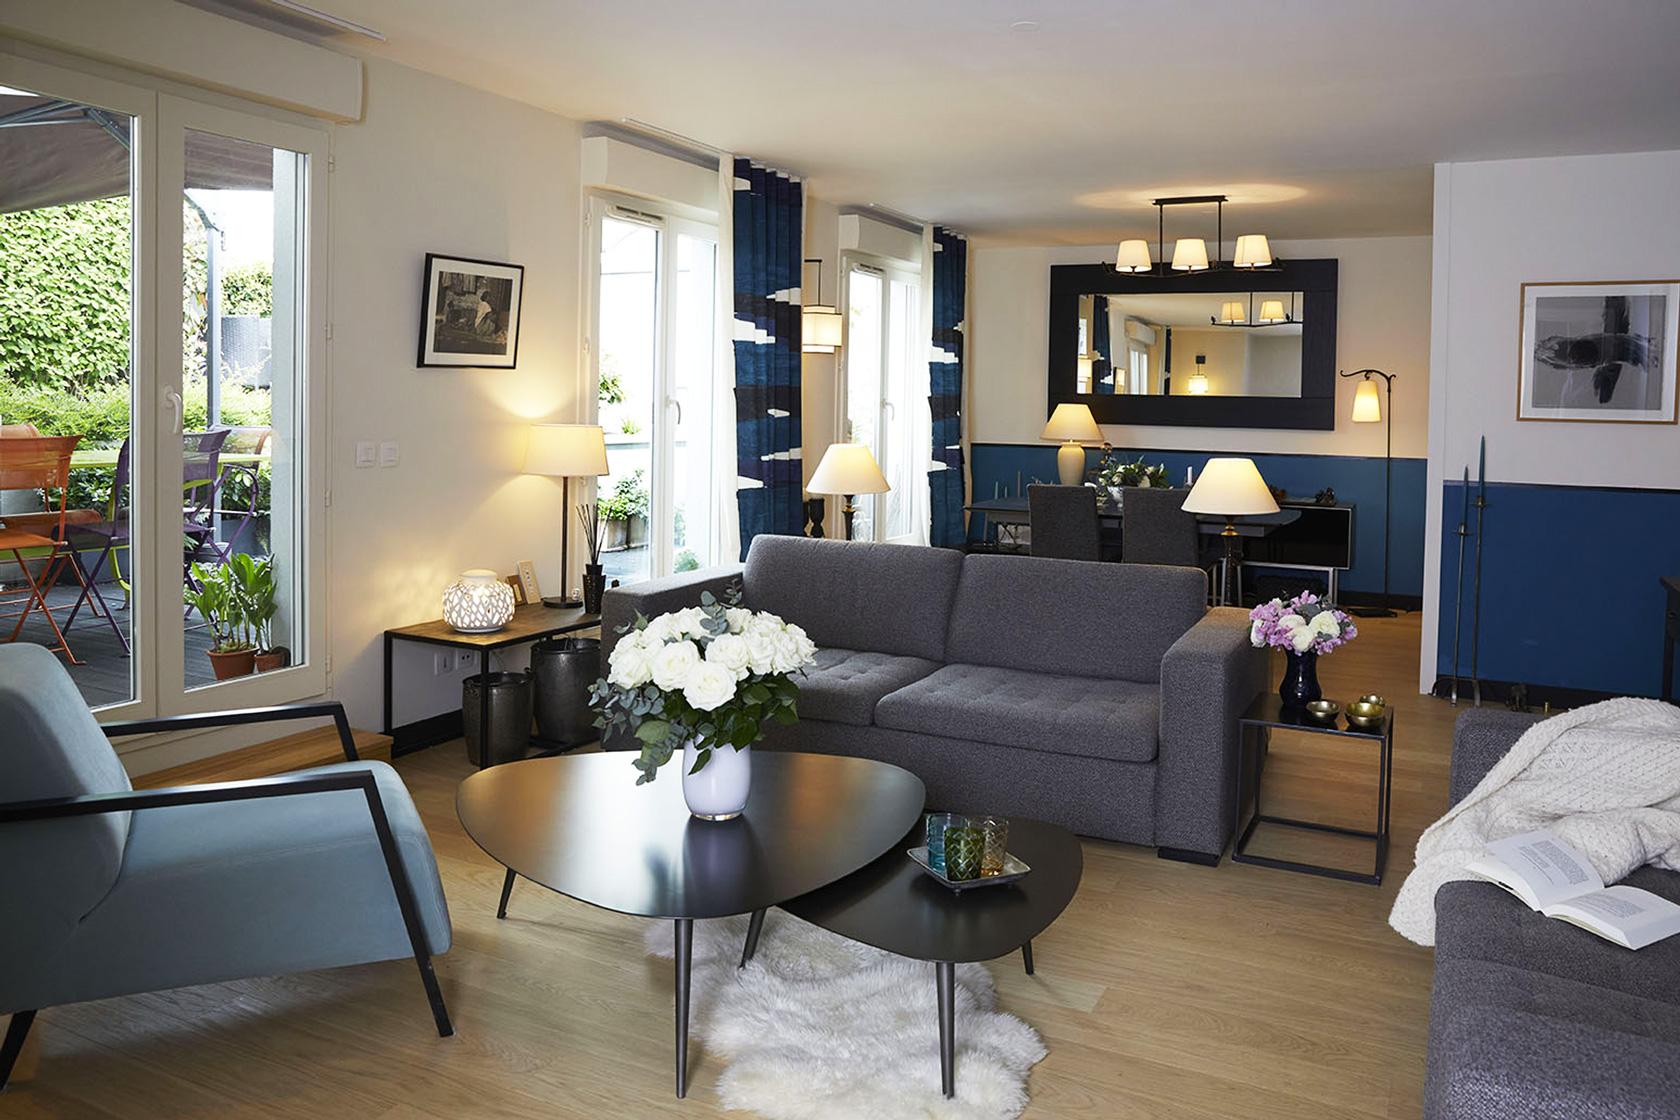 Décoration Appartement 40m2 à Nogent sur Marne - Le grand salon aux tons gris et bleus, par Catherine Lefret, Architecte d'intérieur et Décoratrice dans les Yvelines et Hauts de Seine, 78 92